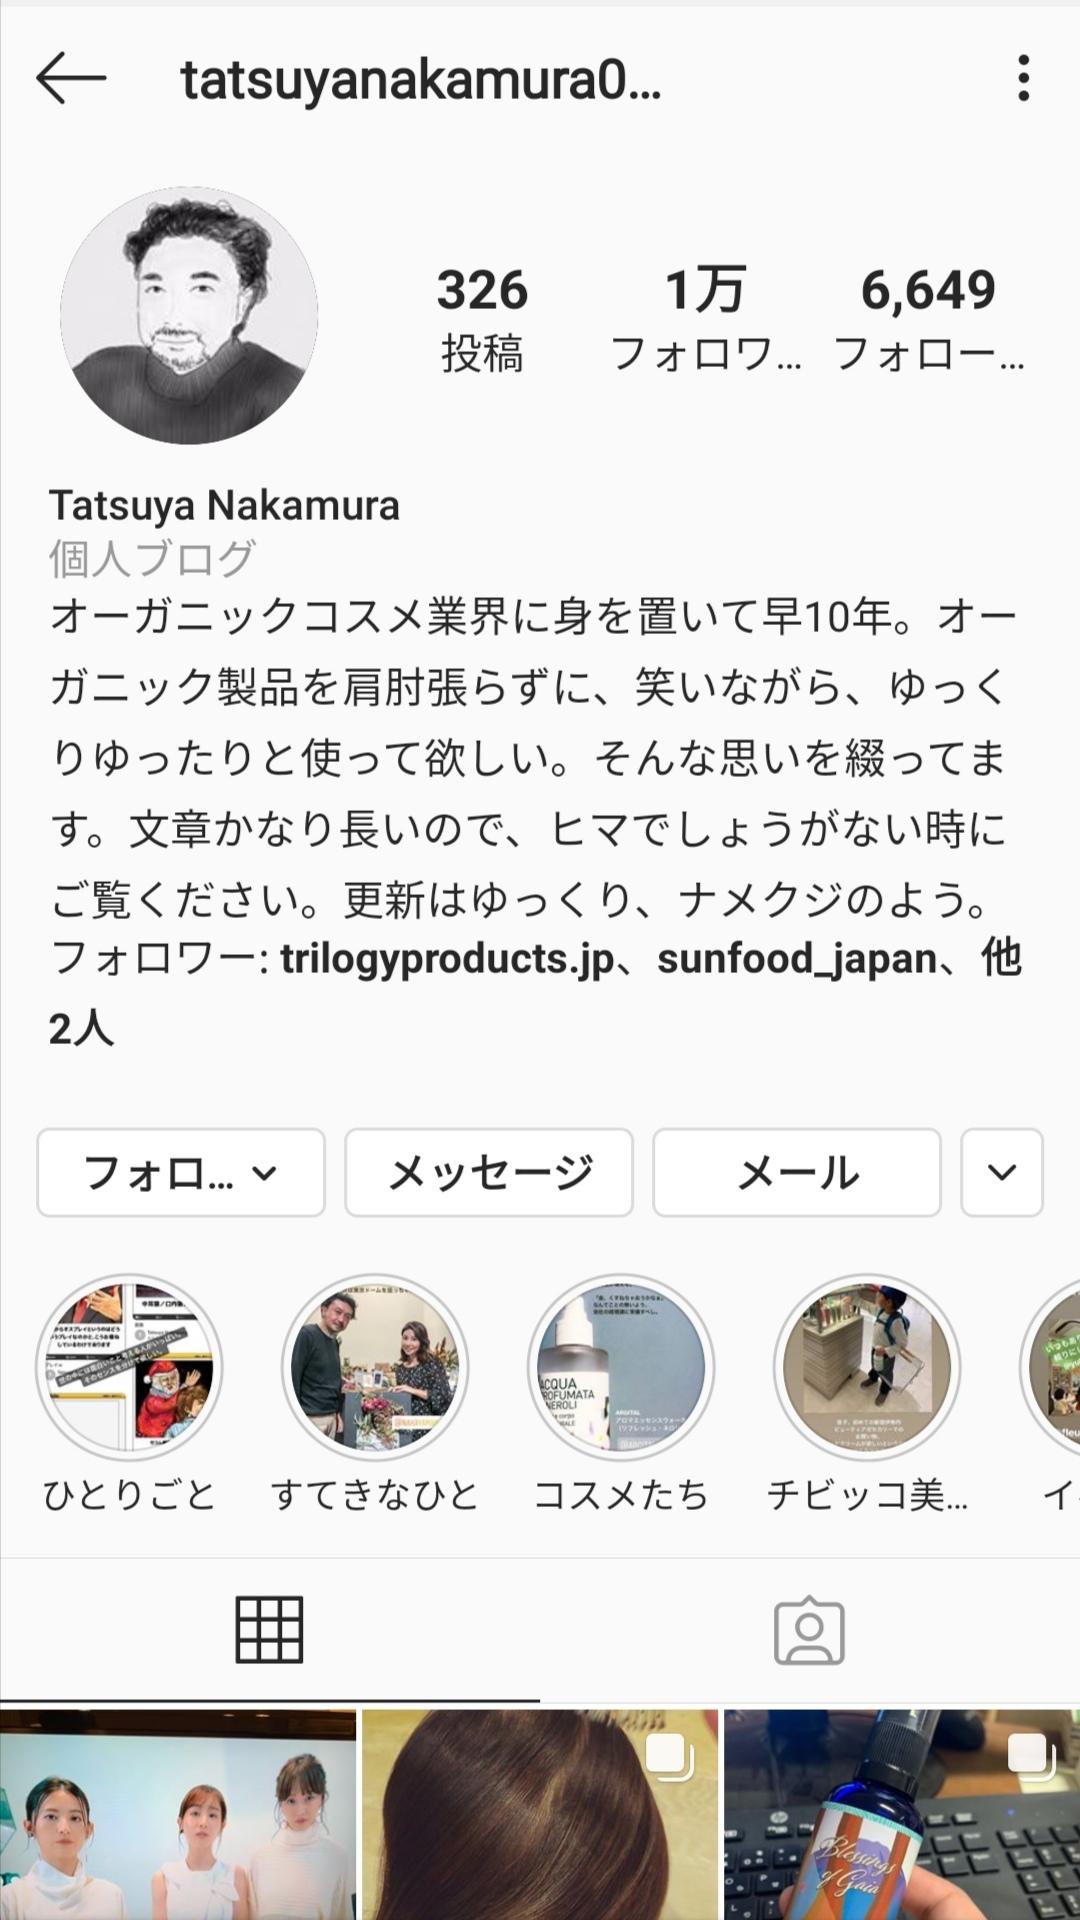 tatsuya nakamuraさんのインスタグラムのプロフィール